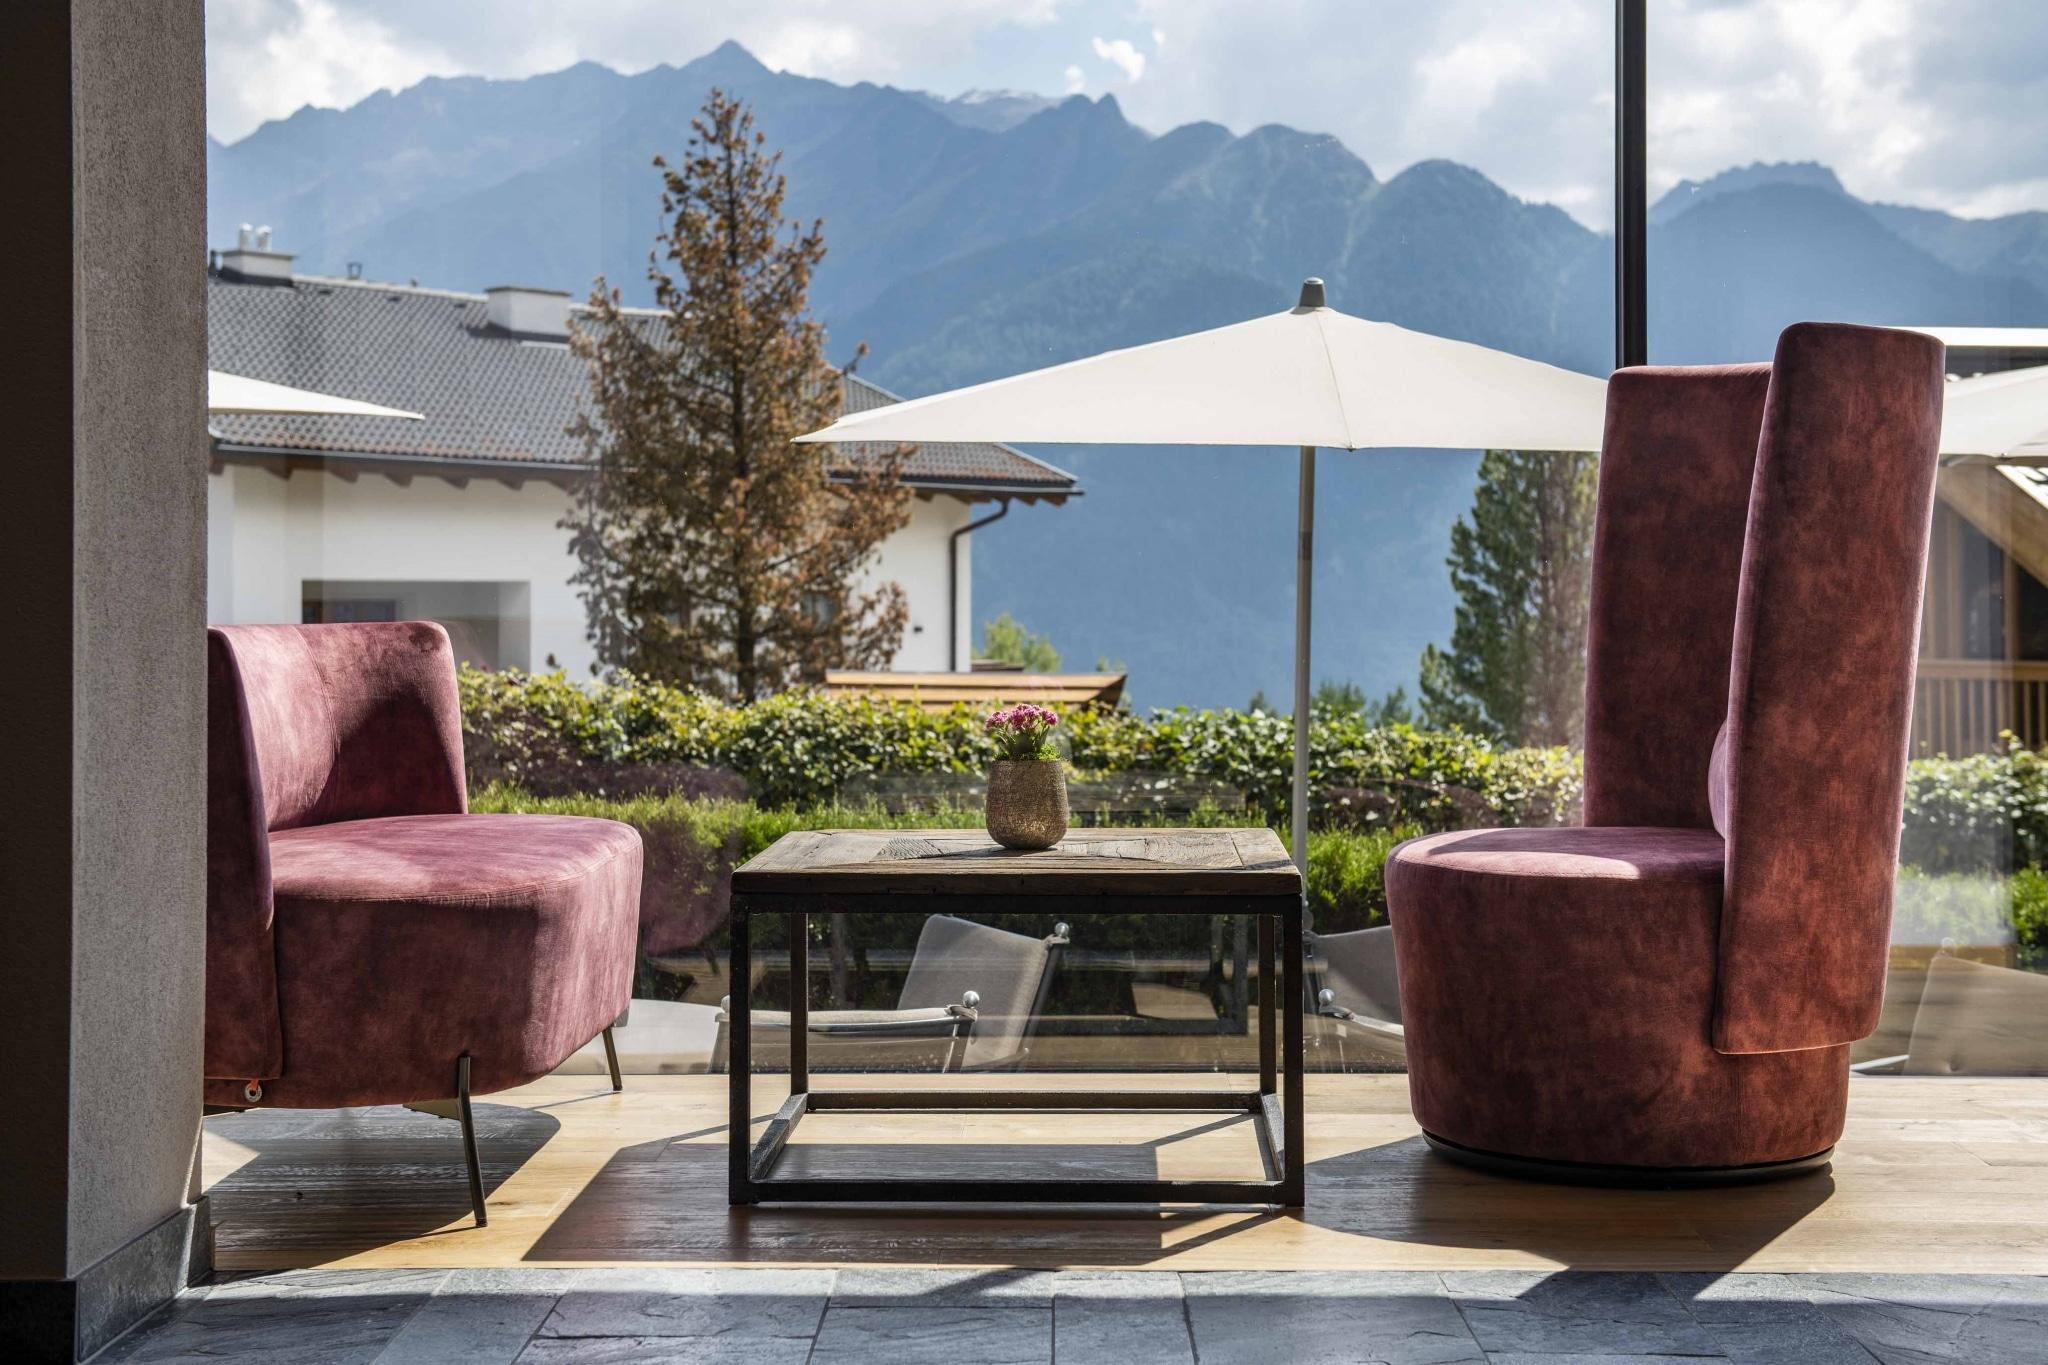 blick-auf-lounge-terrasse